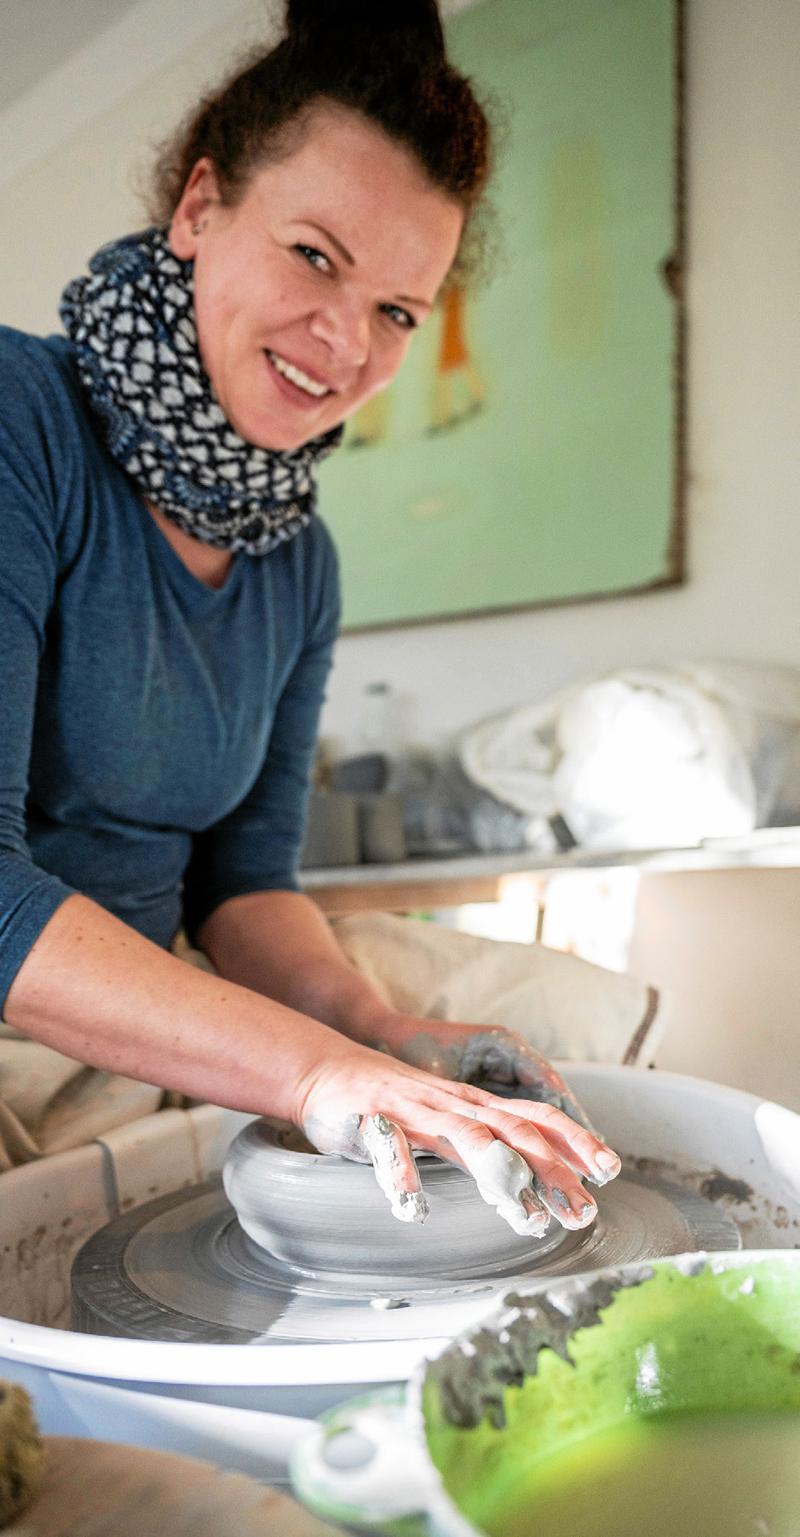 PROFIDREHERIN Miriam Skärke formt eine Schale in der Bardowicker Werkstatt.